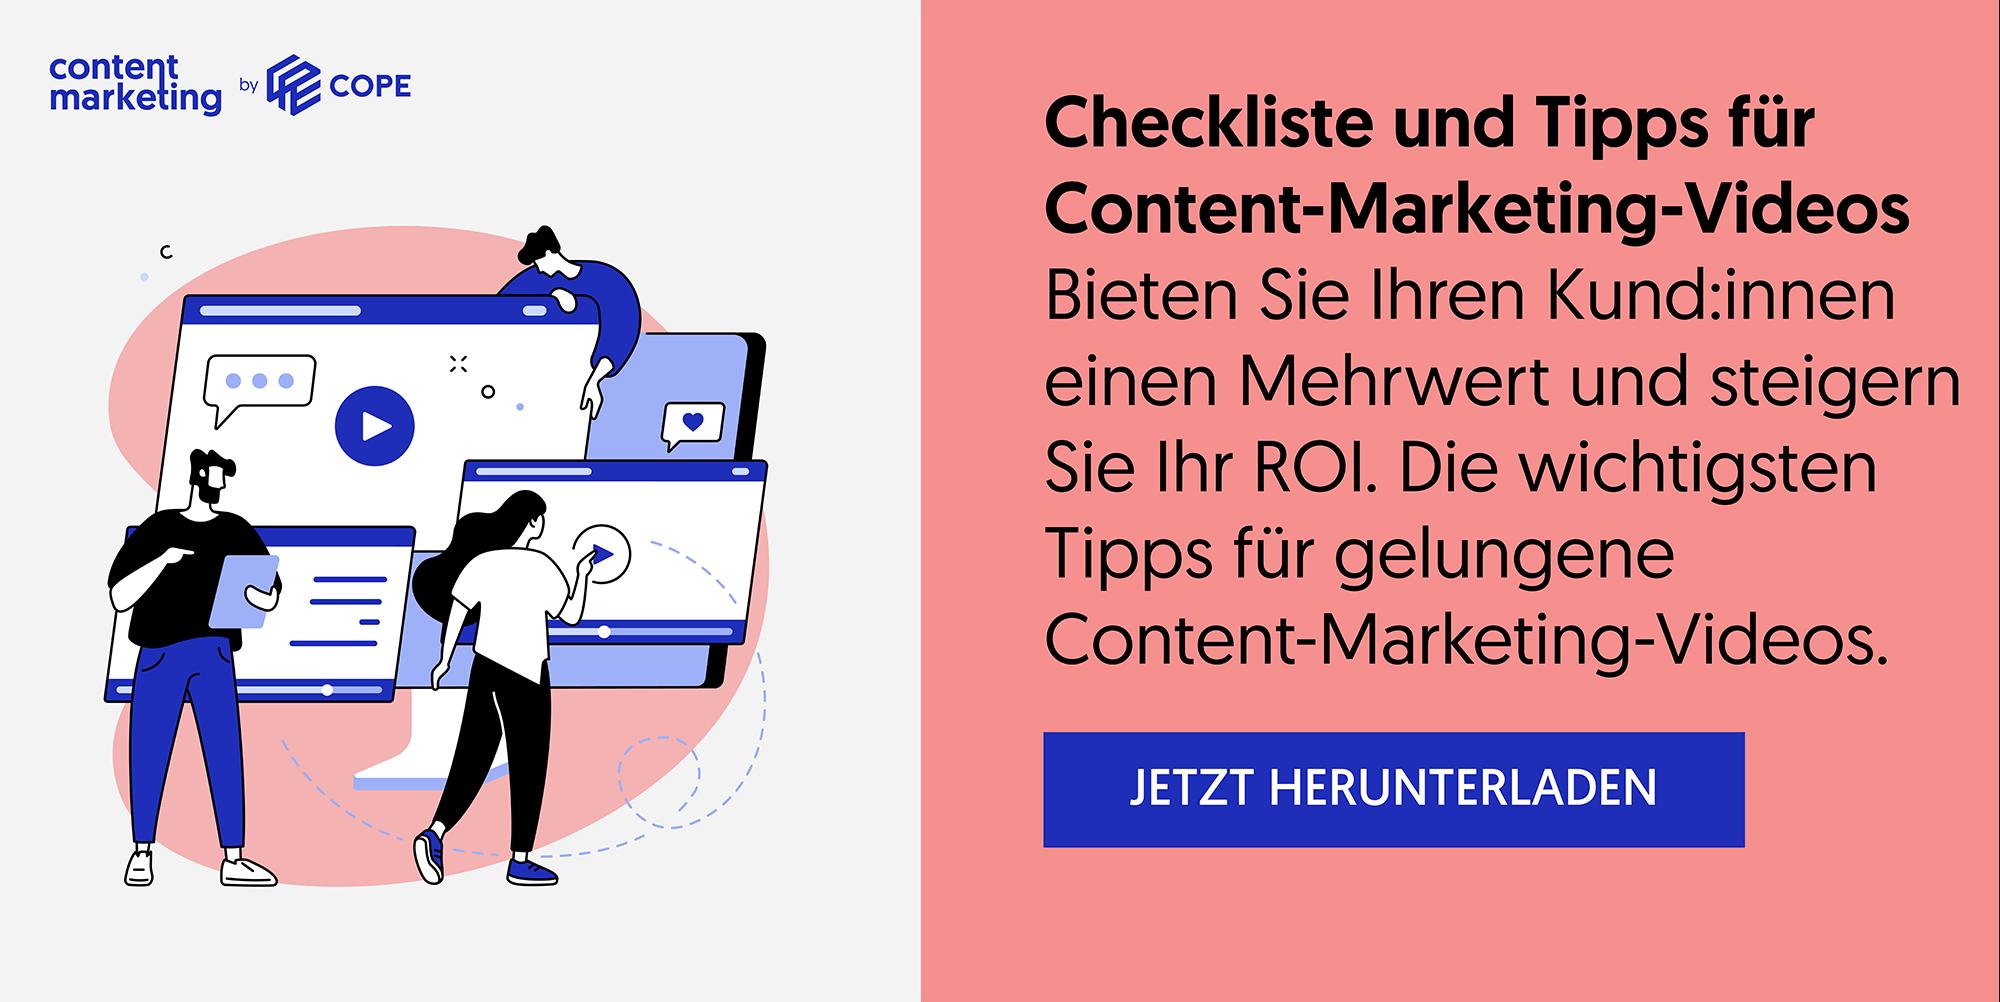 Checkliste und Tipps für Content-Marketing-Videos